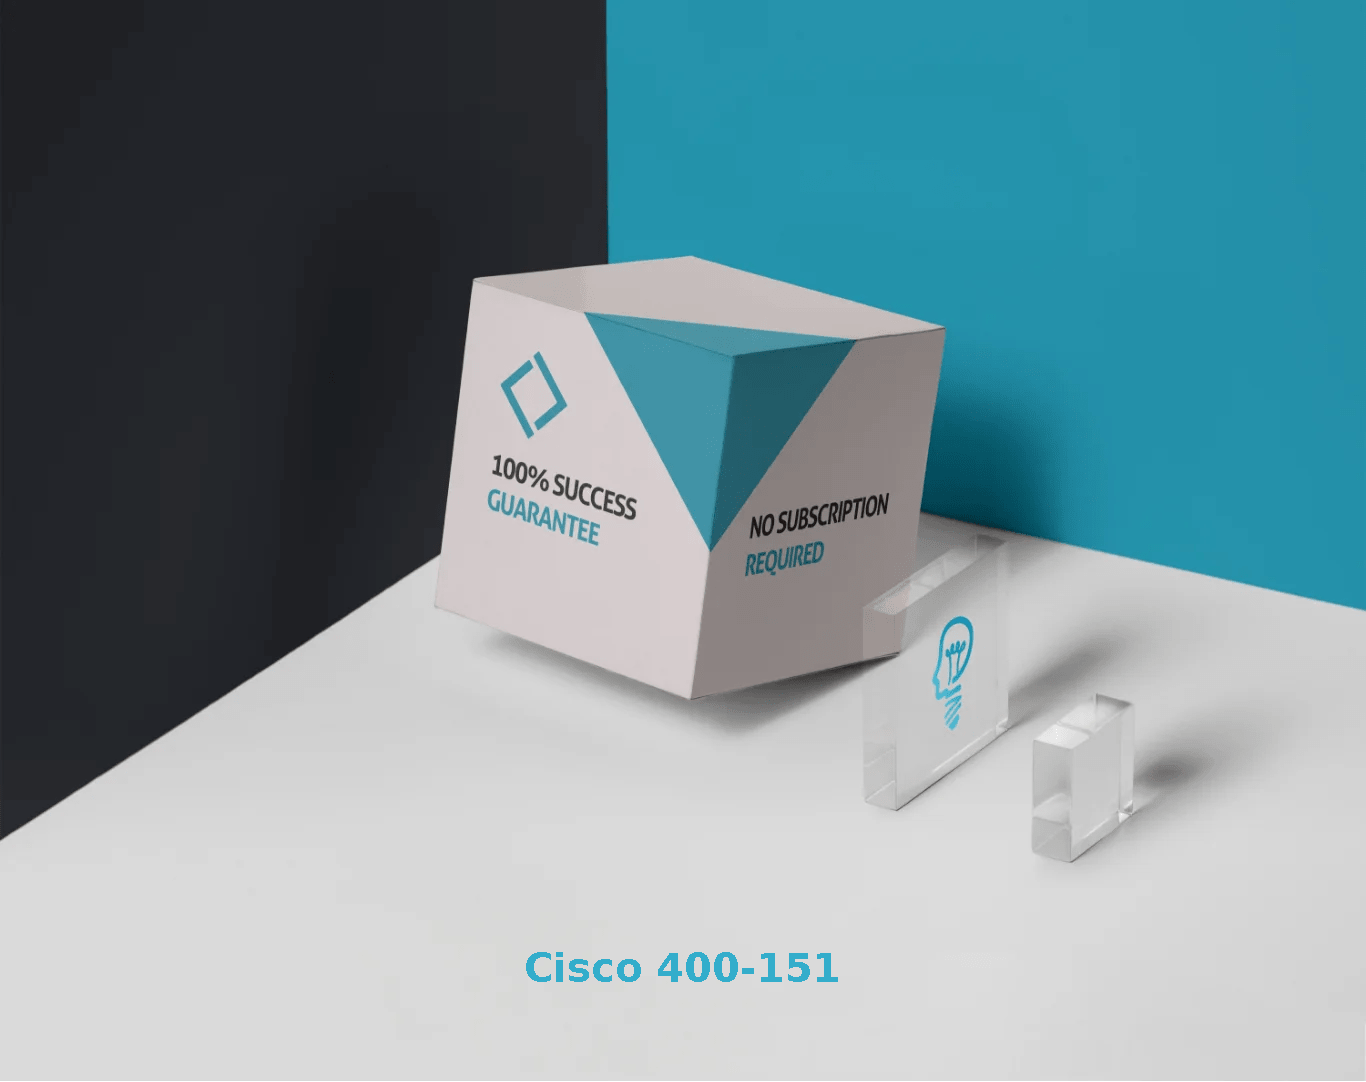 Cisco 400-151 Exams